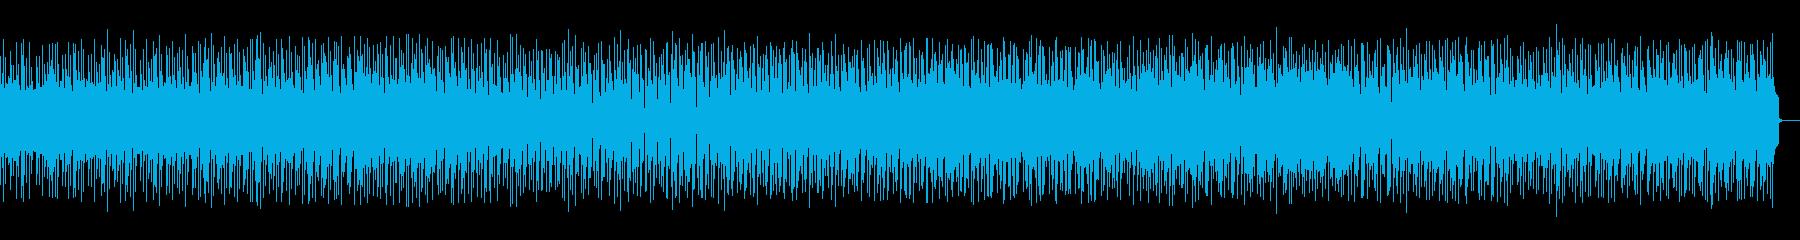 エレピとビートでクールなジャズポップ感の再生済みの波形